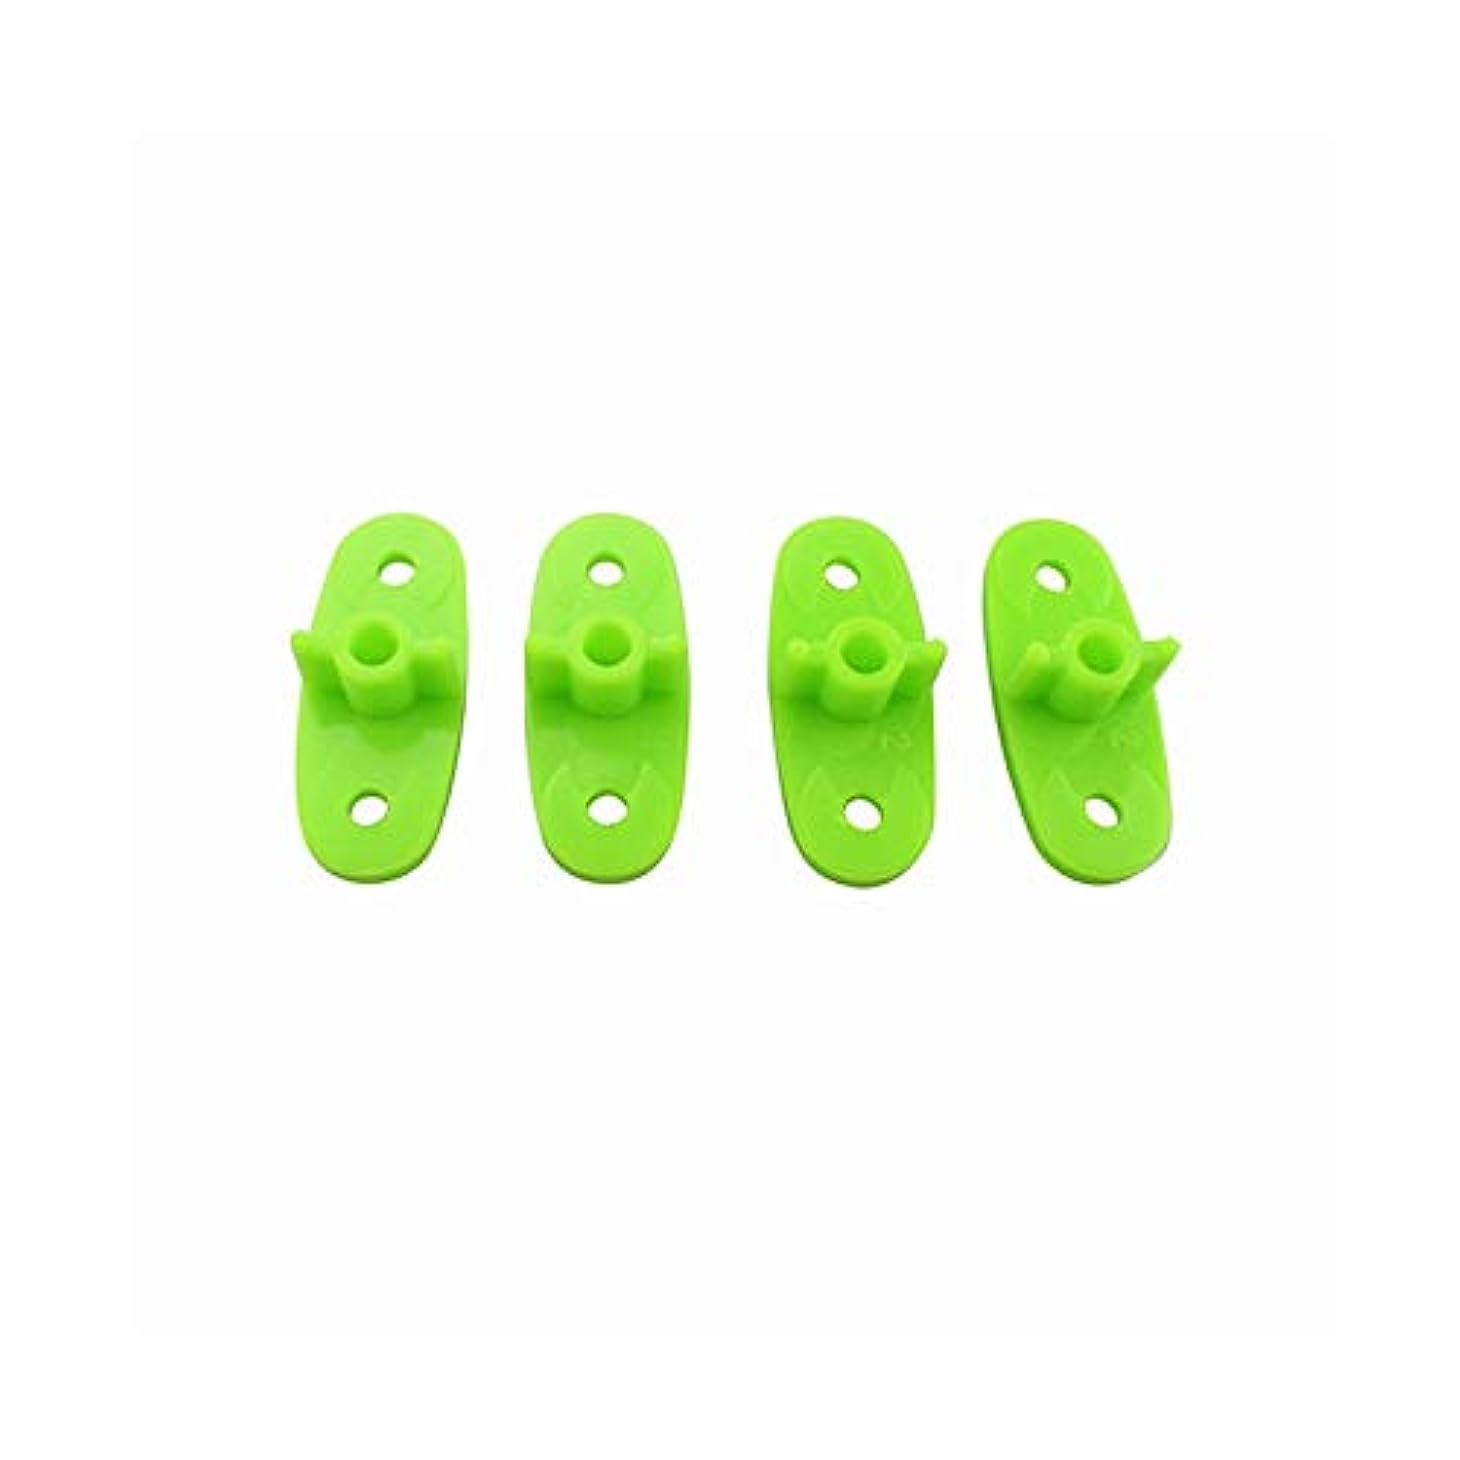 重々しい原始的な肌寒いAlician Hubsan Zino H117Sクアドコプターグリーンウィンドブレードクリップアクセサリーリモートドローンパドルブロック付きネジ green